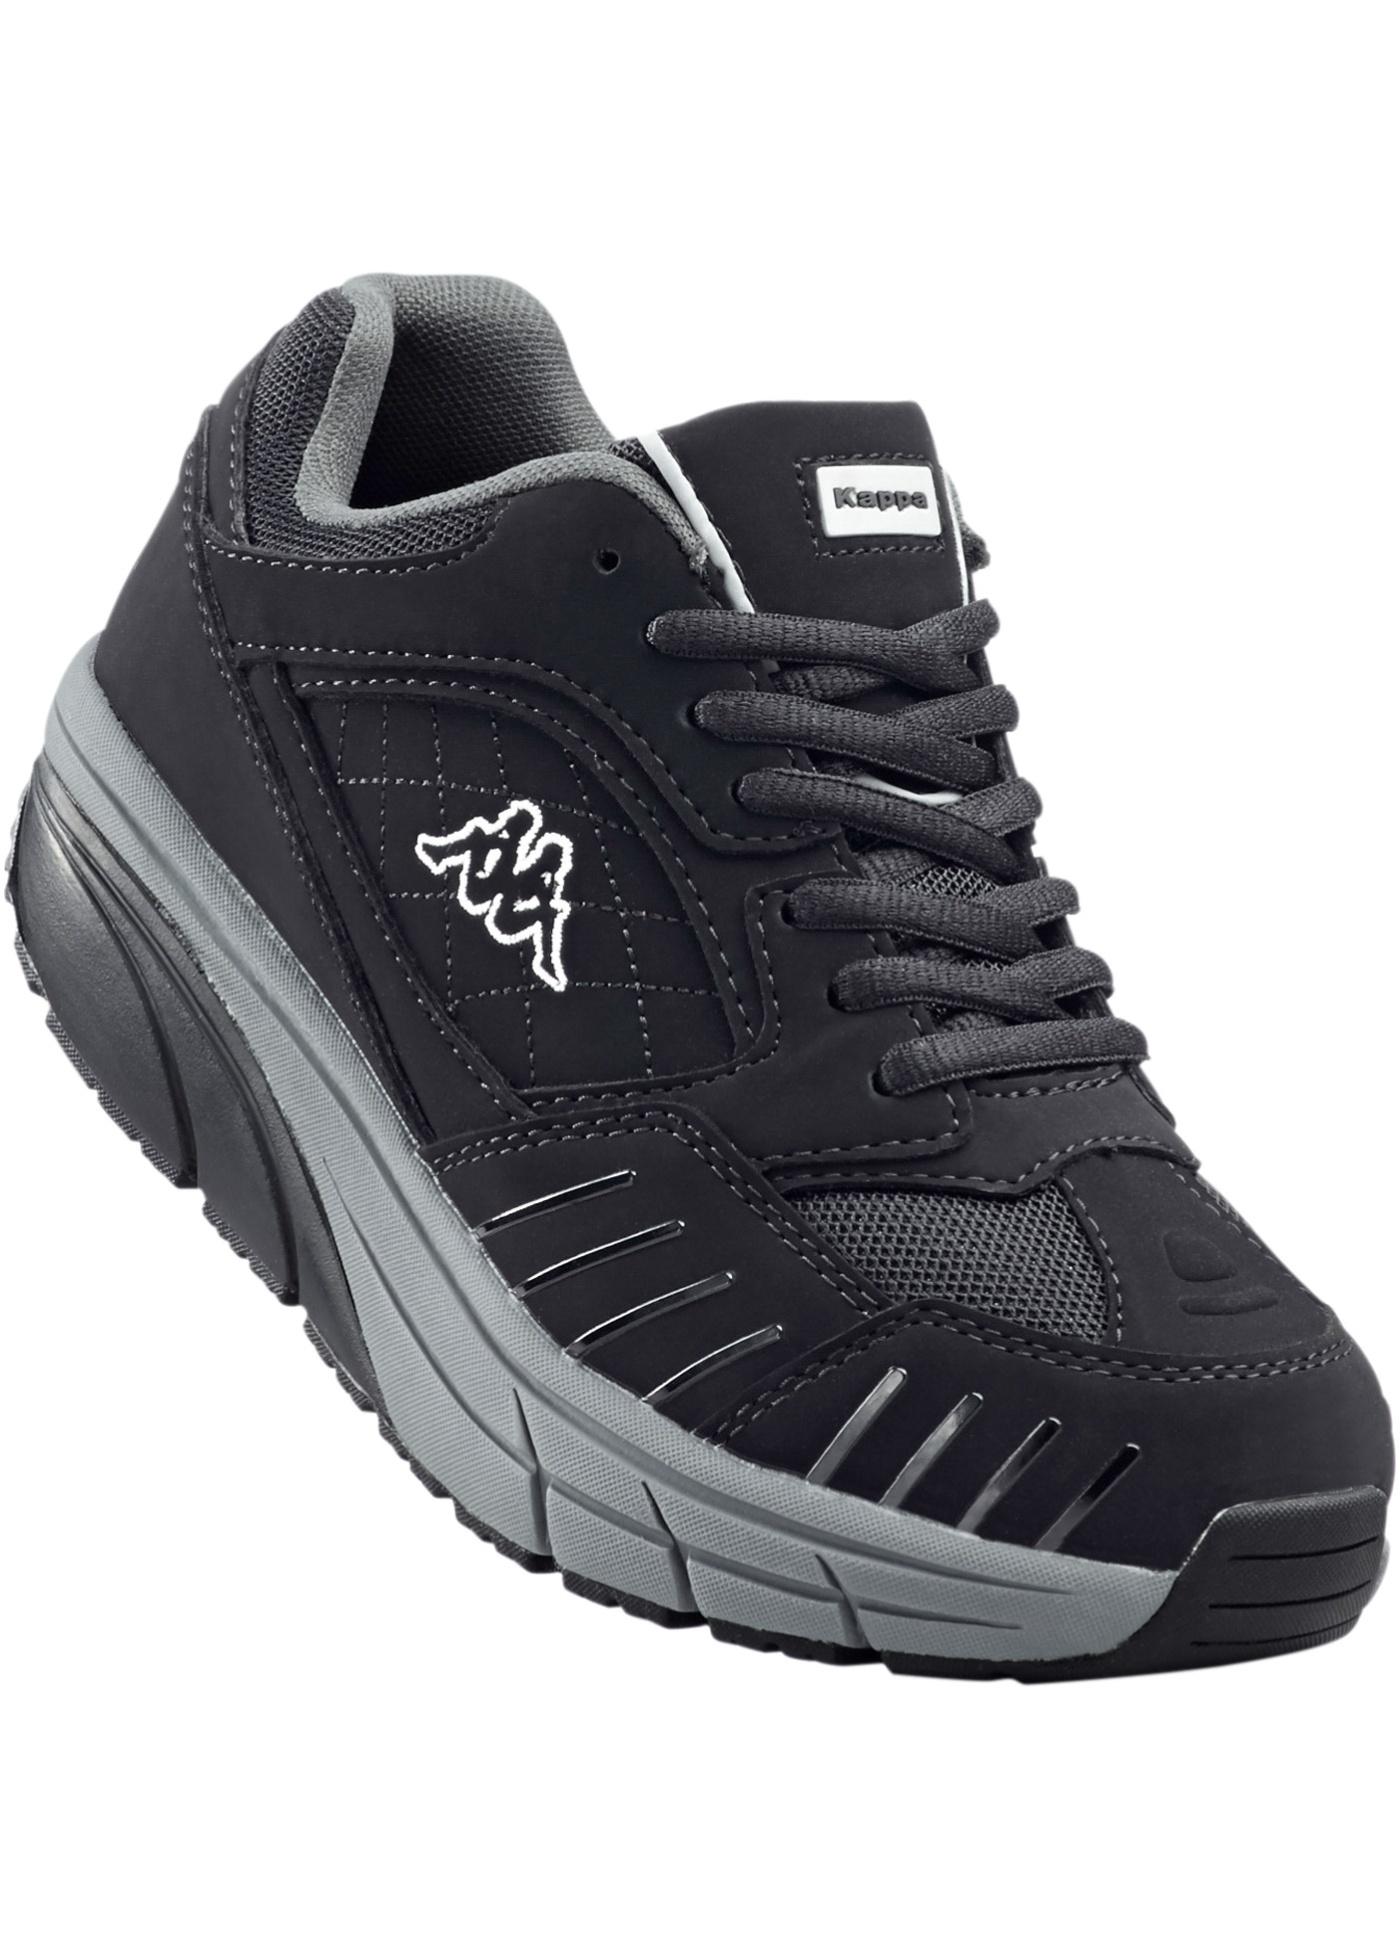 Prix compétitif ! Activemover, la chaussure de sport pour femme de la marque Kappa au design léger pour une remise en forme efficace. Pour une meilleure posture et une musculation sans effort. Favorise la perte de poids. Tonifie et raffermit la musculatur